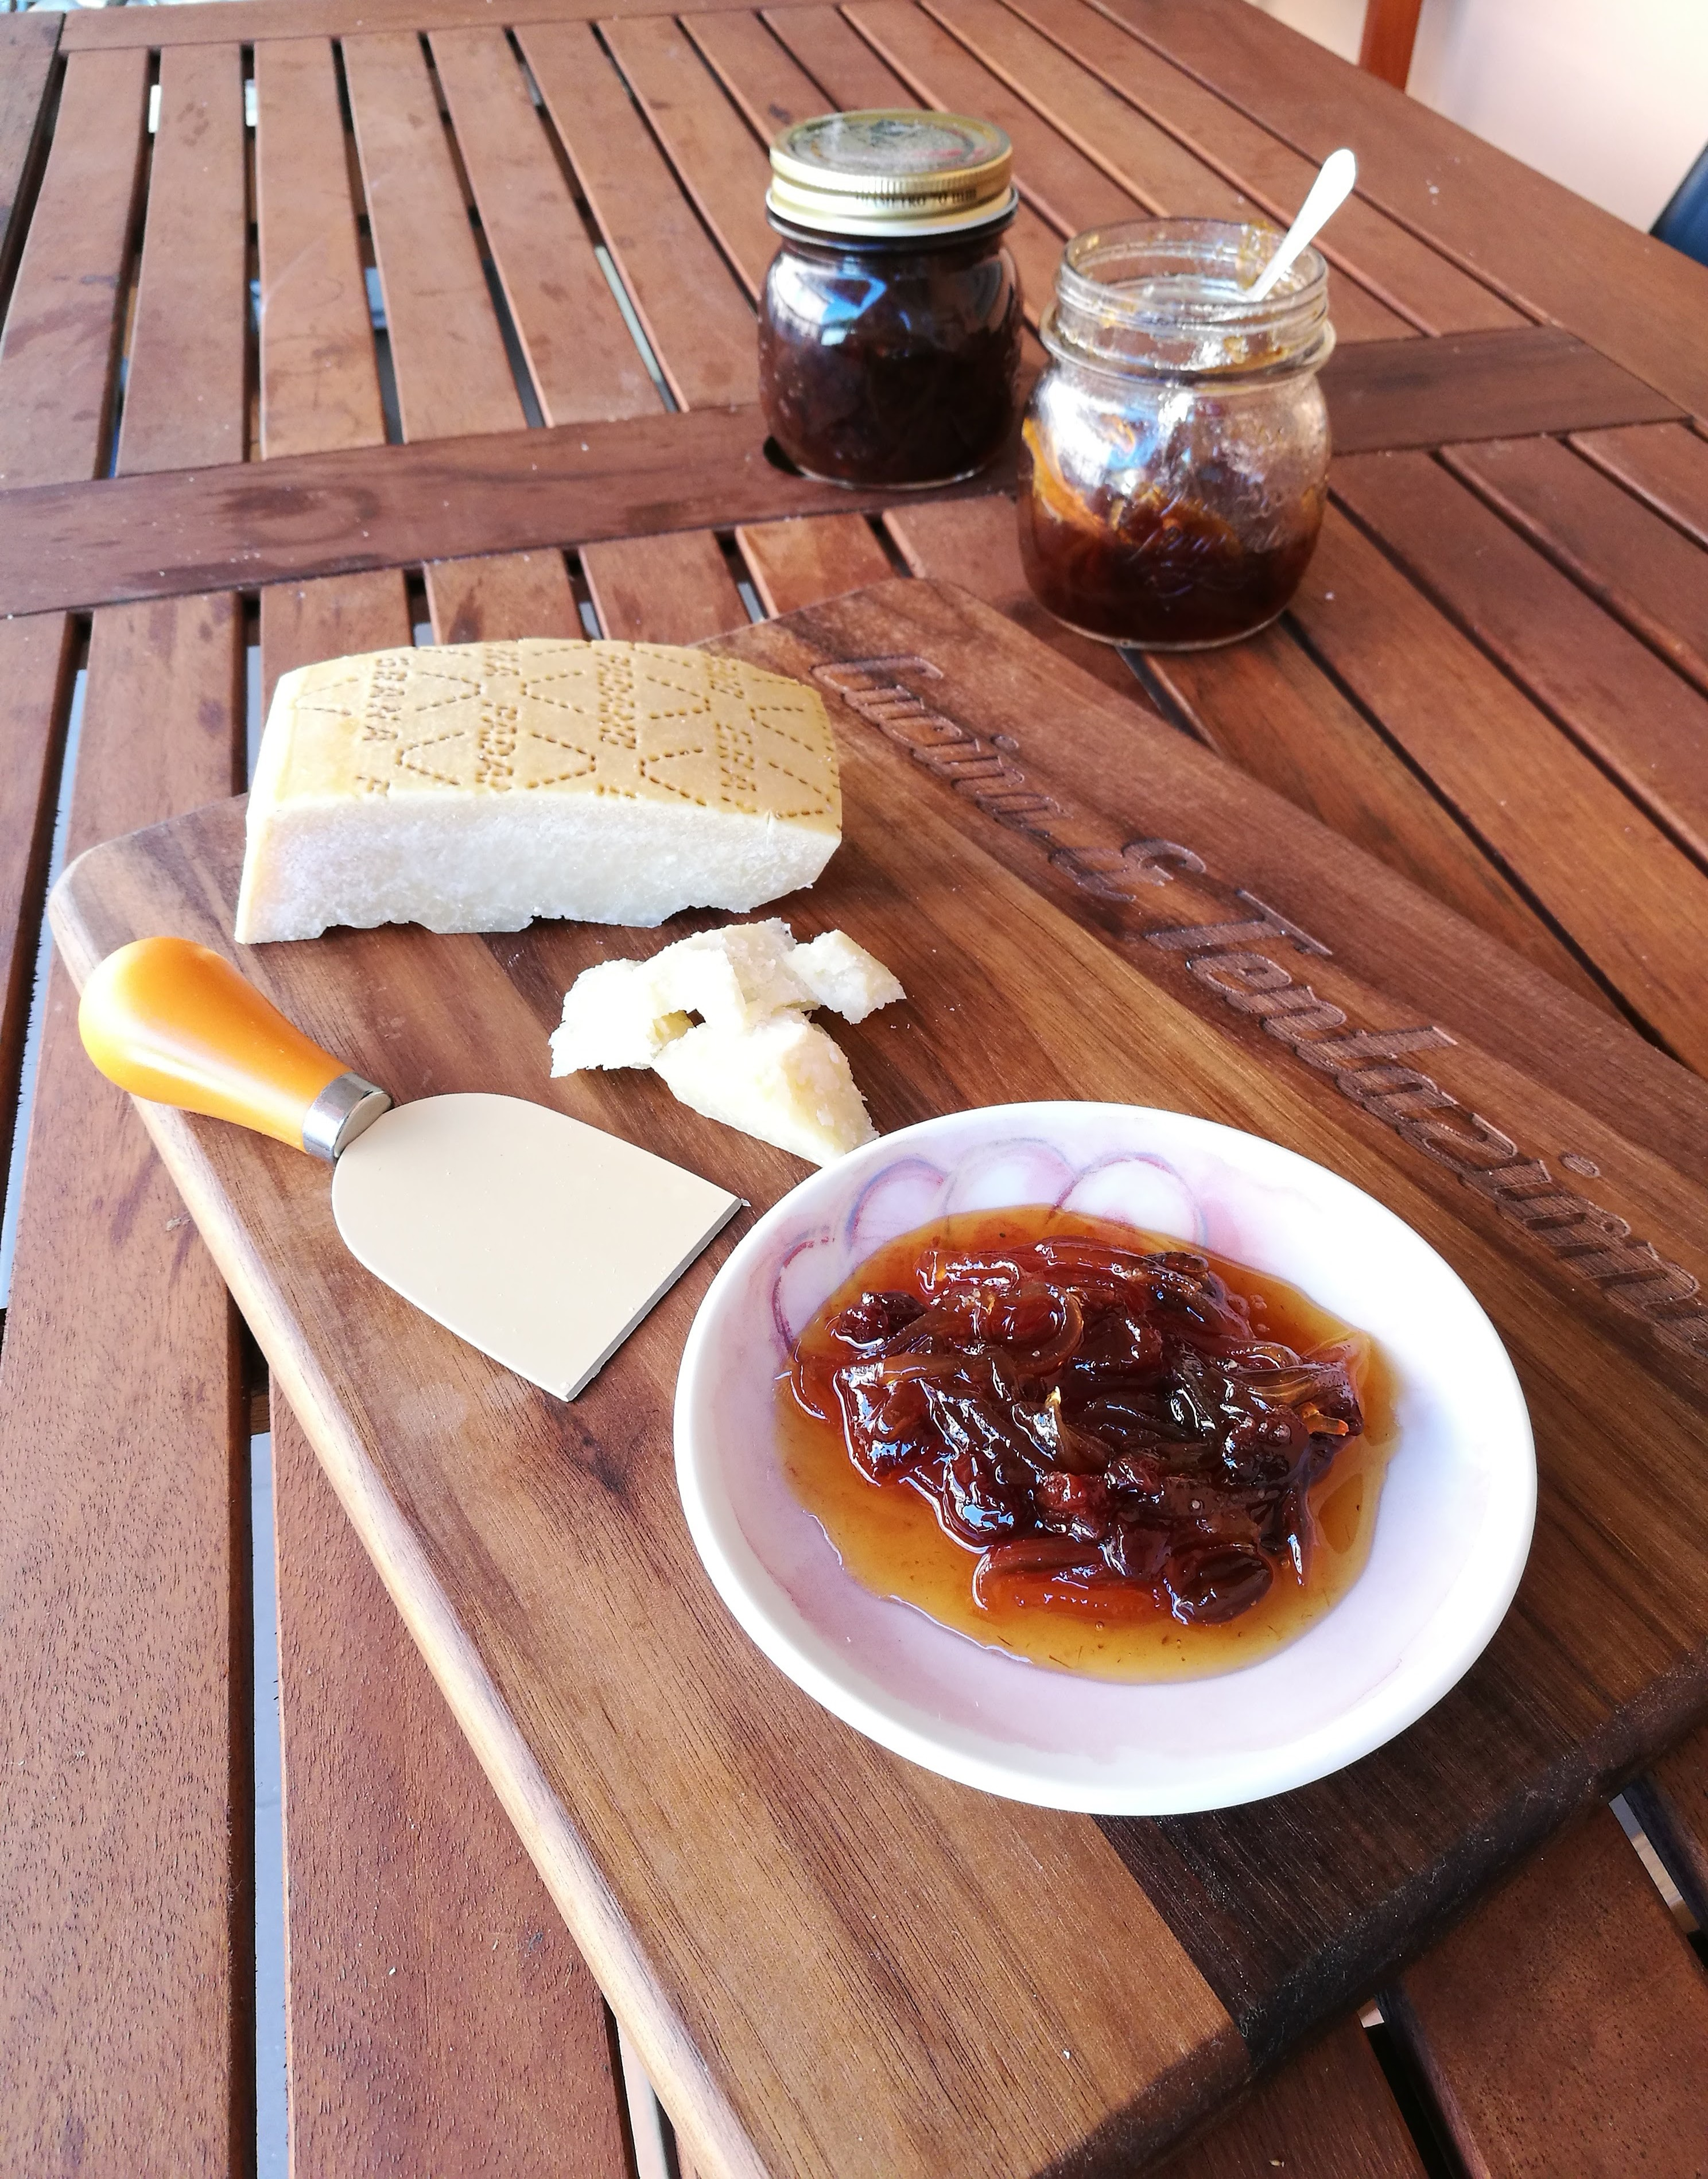 Marmellata di cipolle rosse cucina tentazioni for Marmellata di cipolle rosse cucina italiana